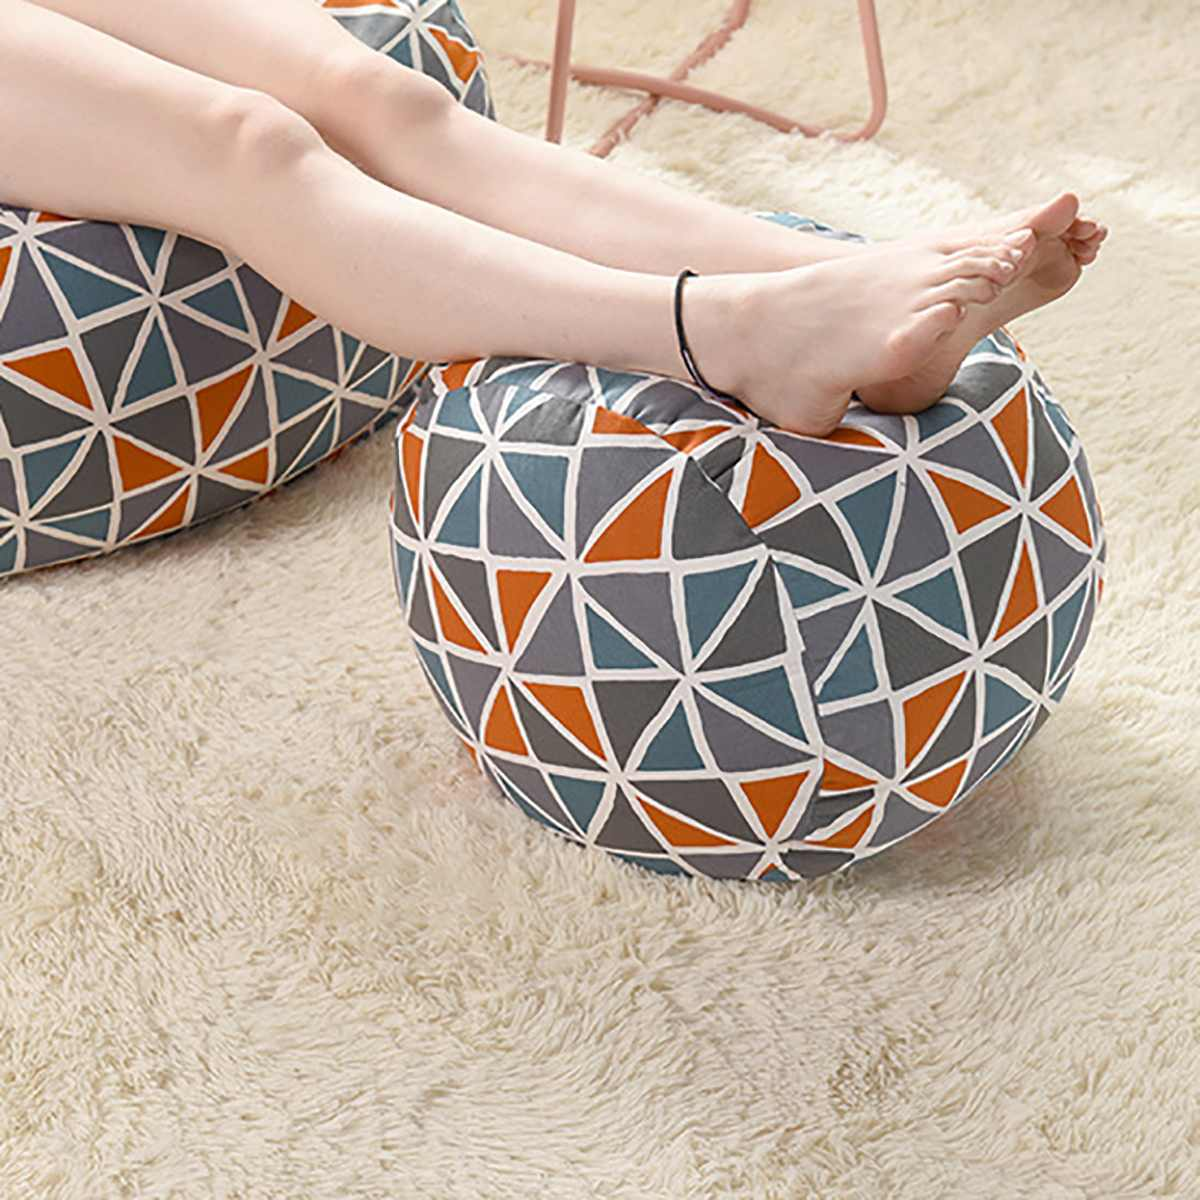 Nenhum enchimento Tampa Redonda Pequena Sofás Beanbag Espreguiçadeira Cadeira Assento Da Cadeira Cadeira do Sofá Cotton Linen Caso À Prova D' Água Para Jogos de Cama de Feijão saco